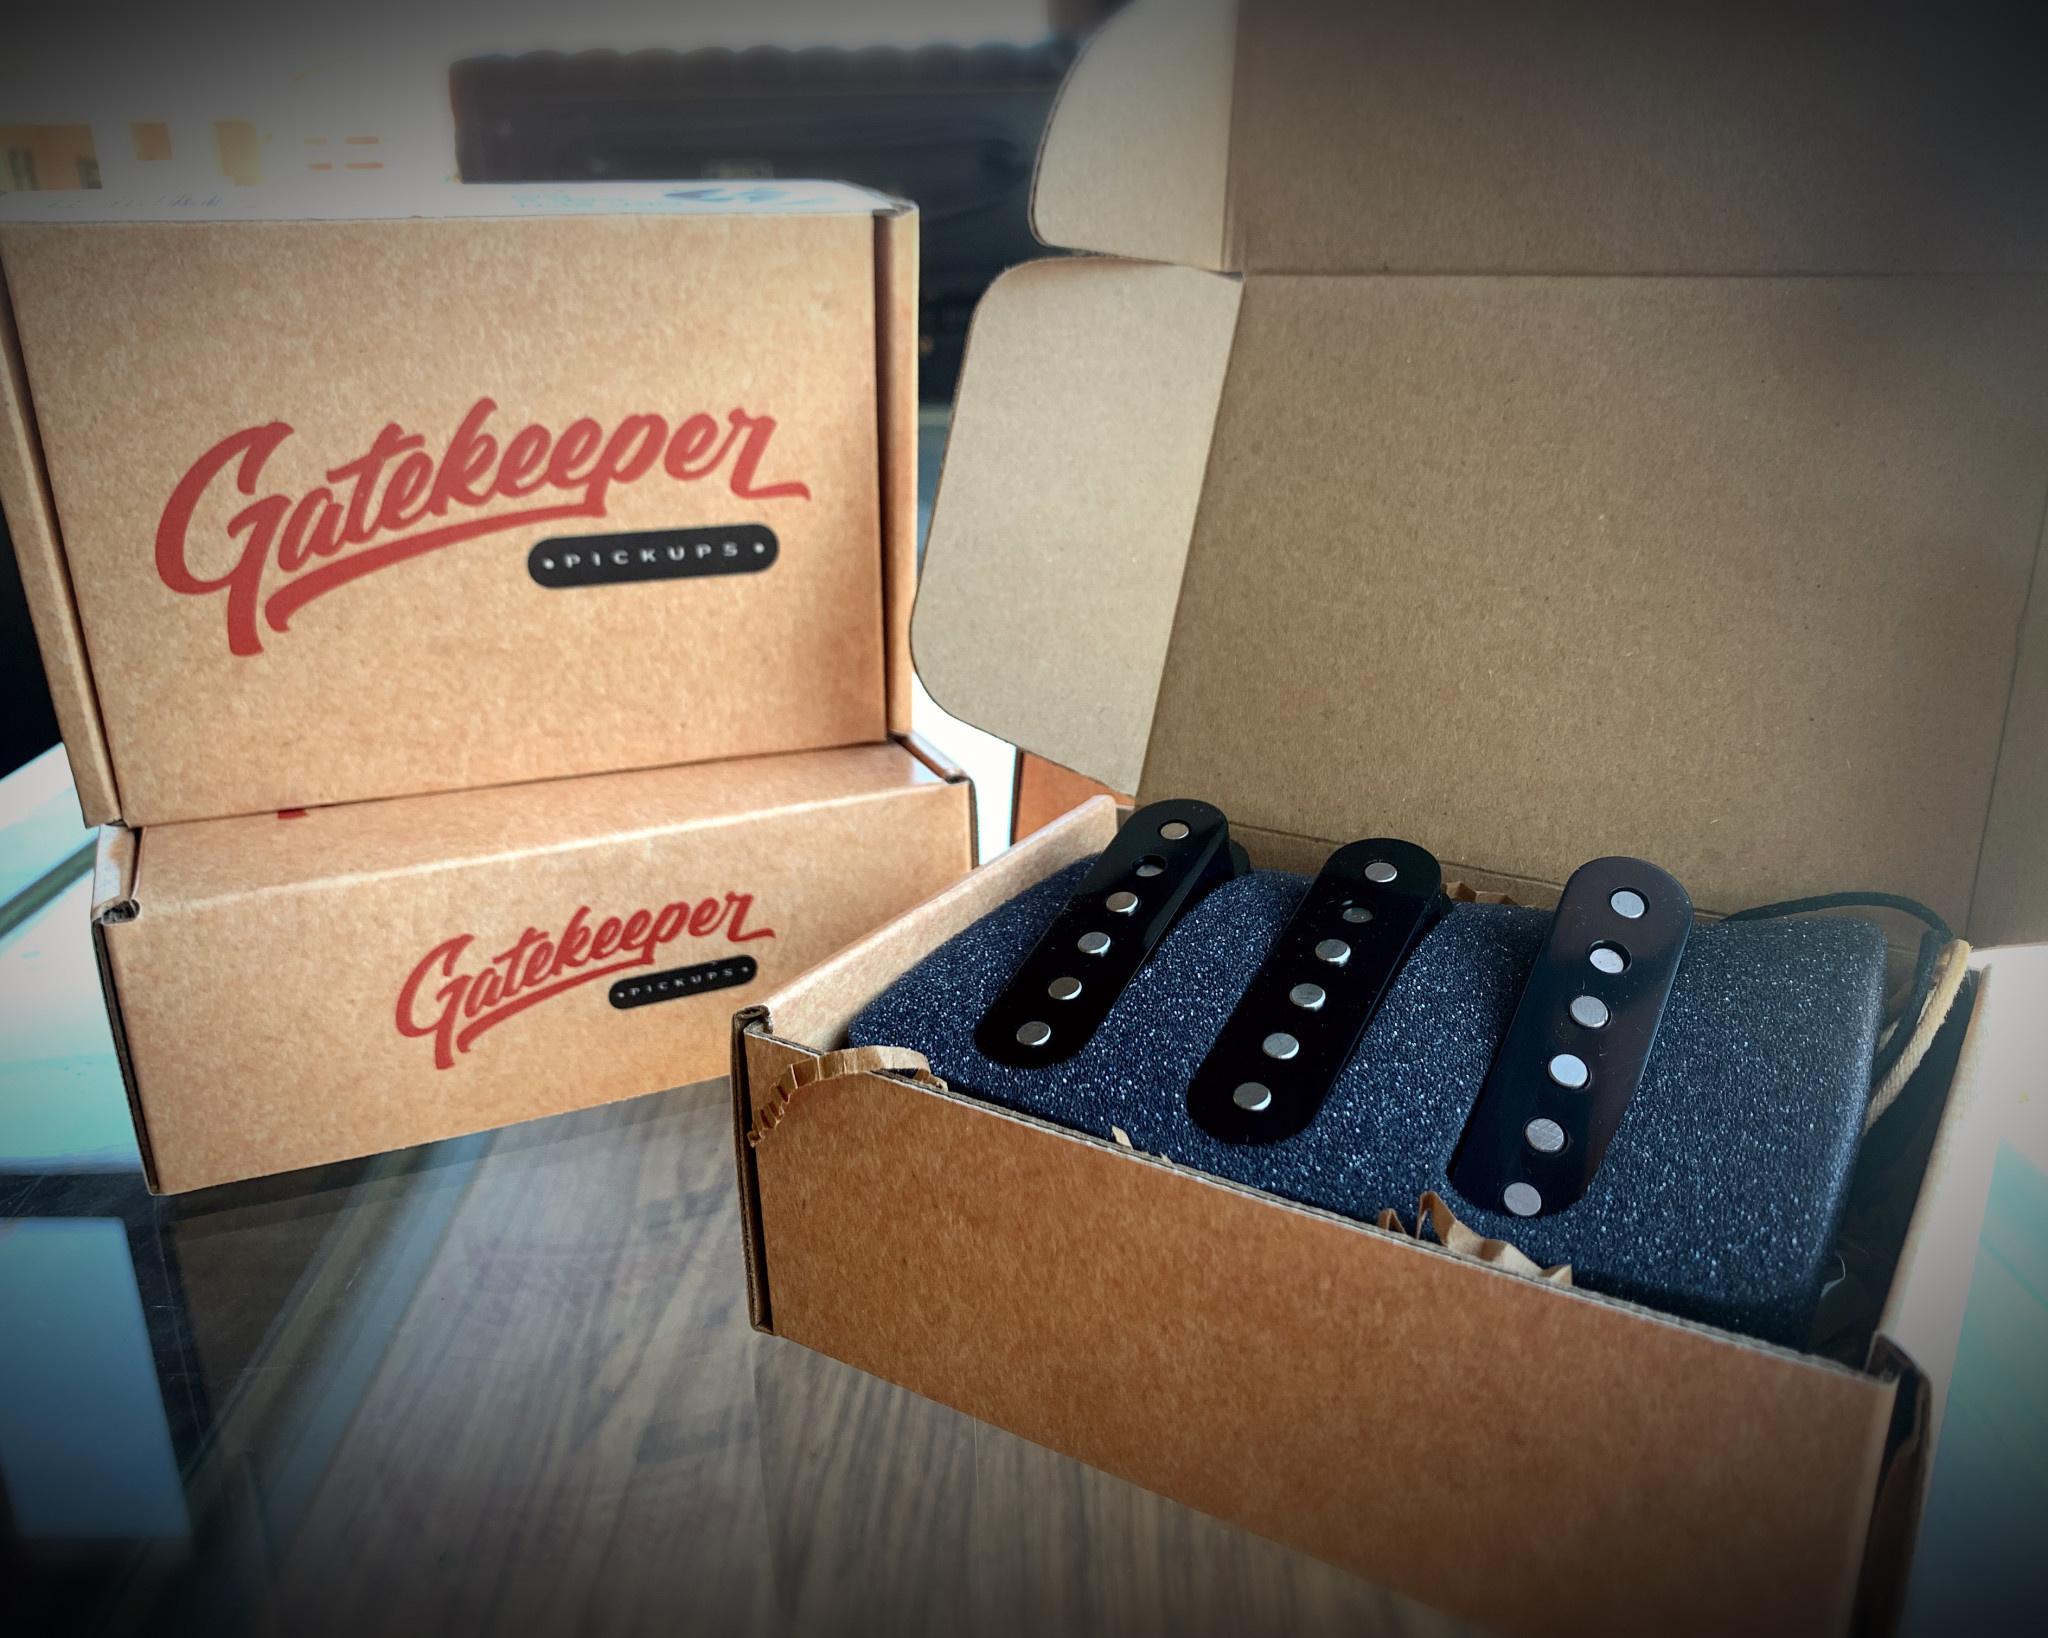 Gatekeeper Pickups Stratocaster Set - GKP-S-1